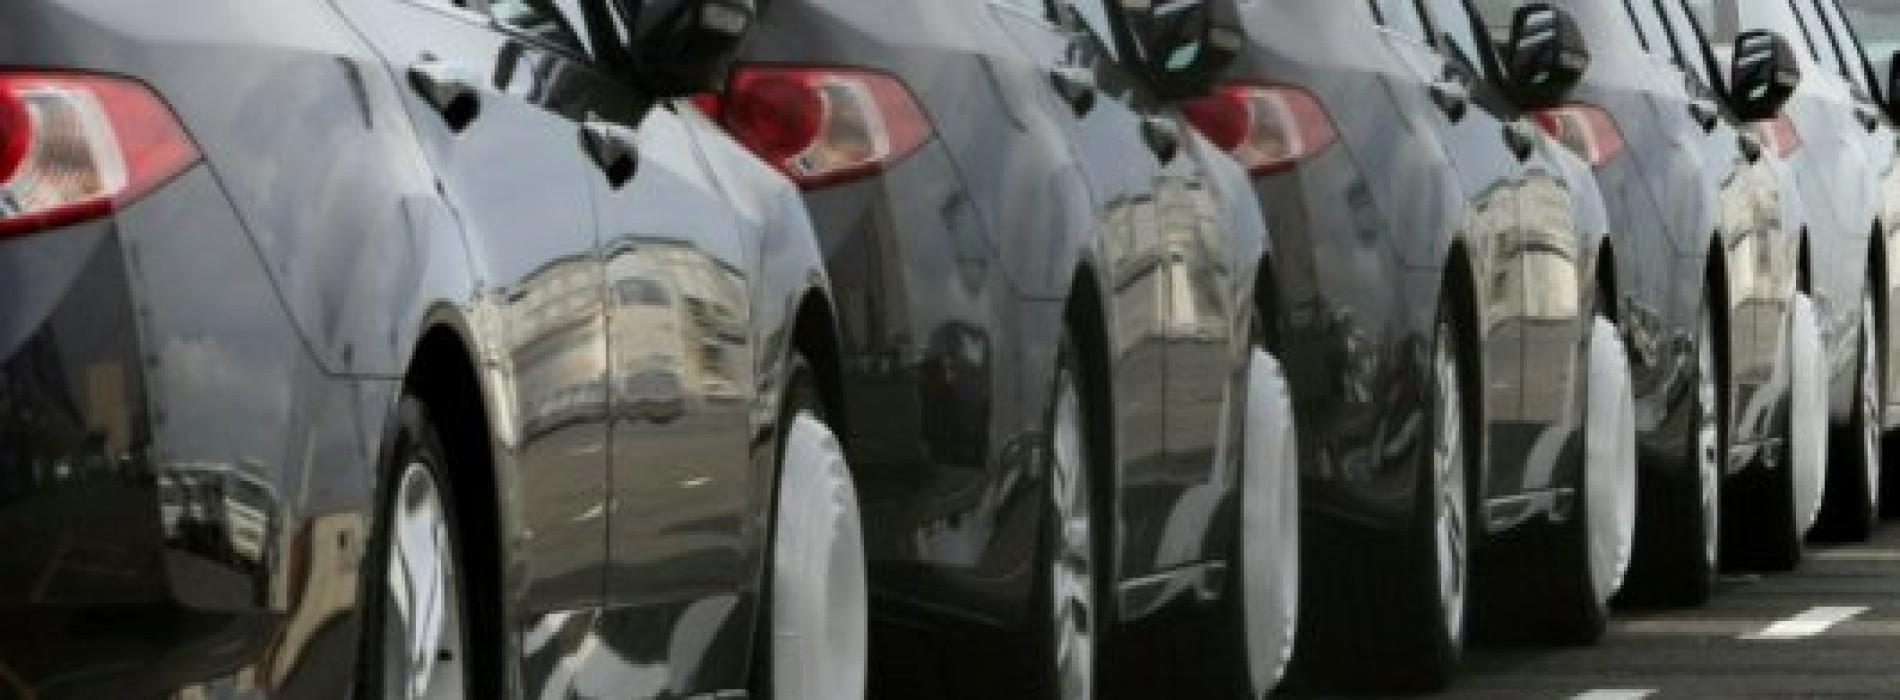 Кызылординские чиновники на служебных авто поймались на нарушениях ПДД